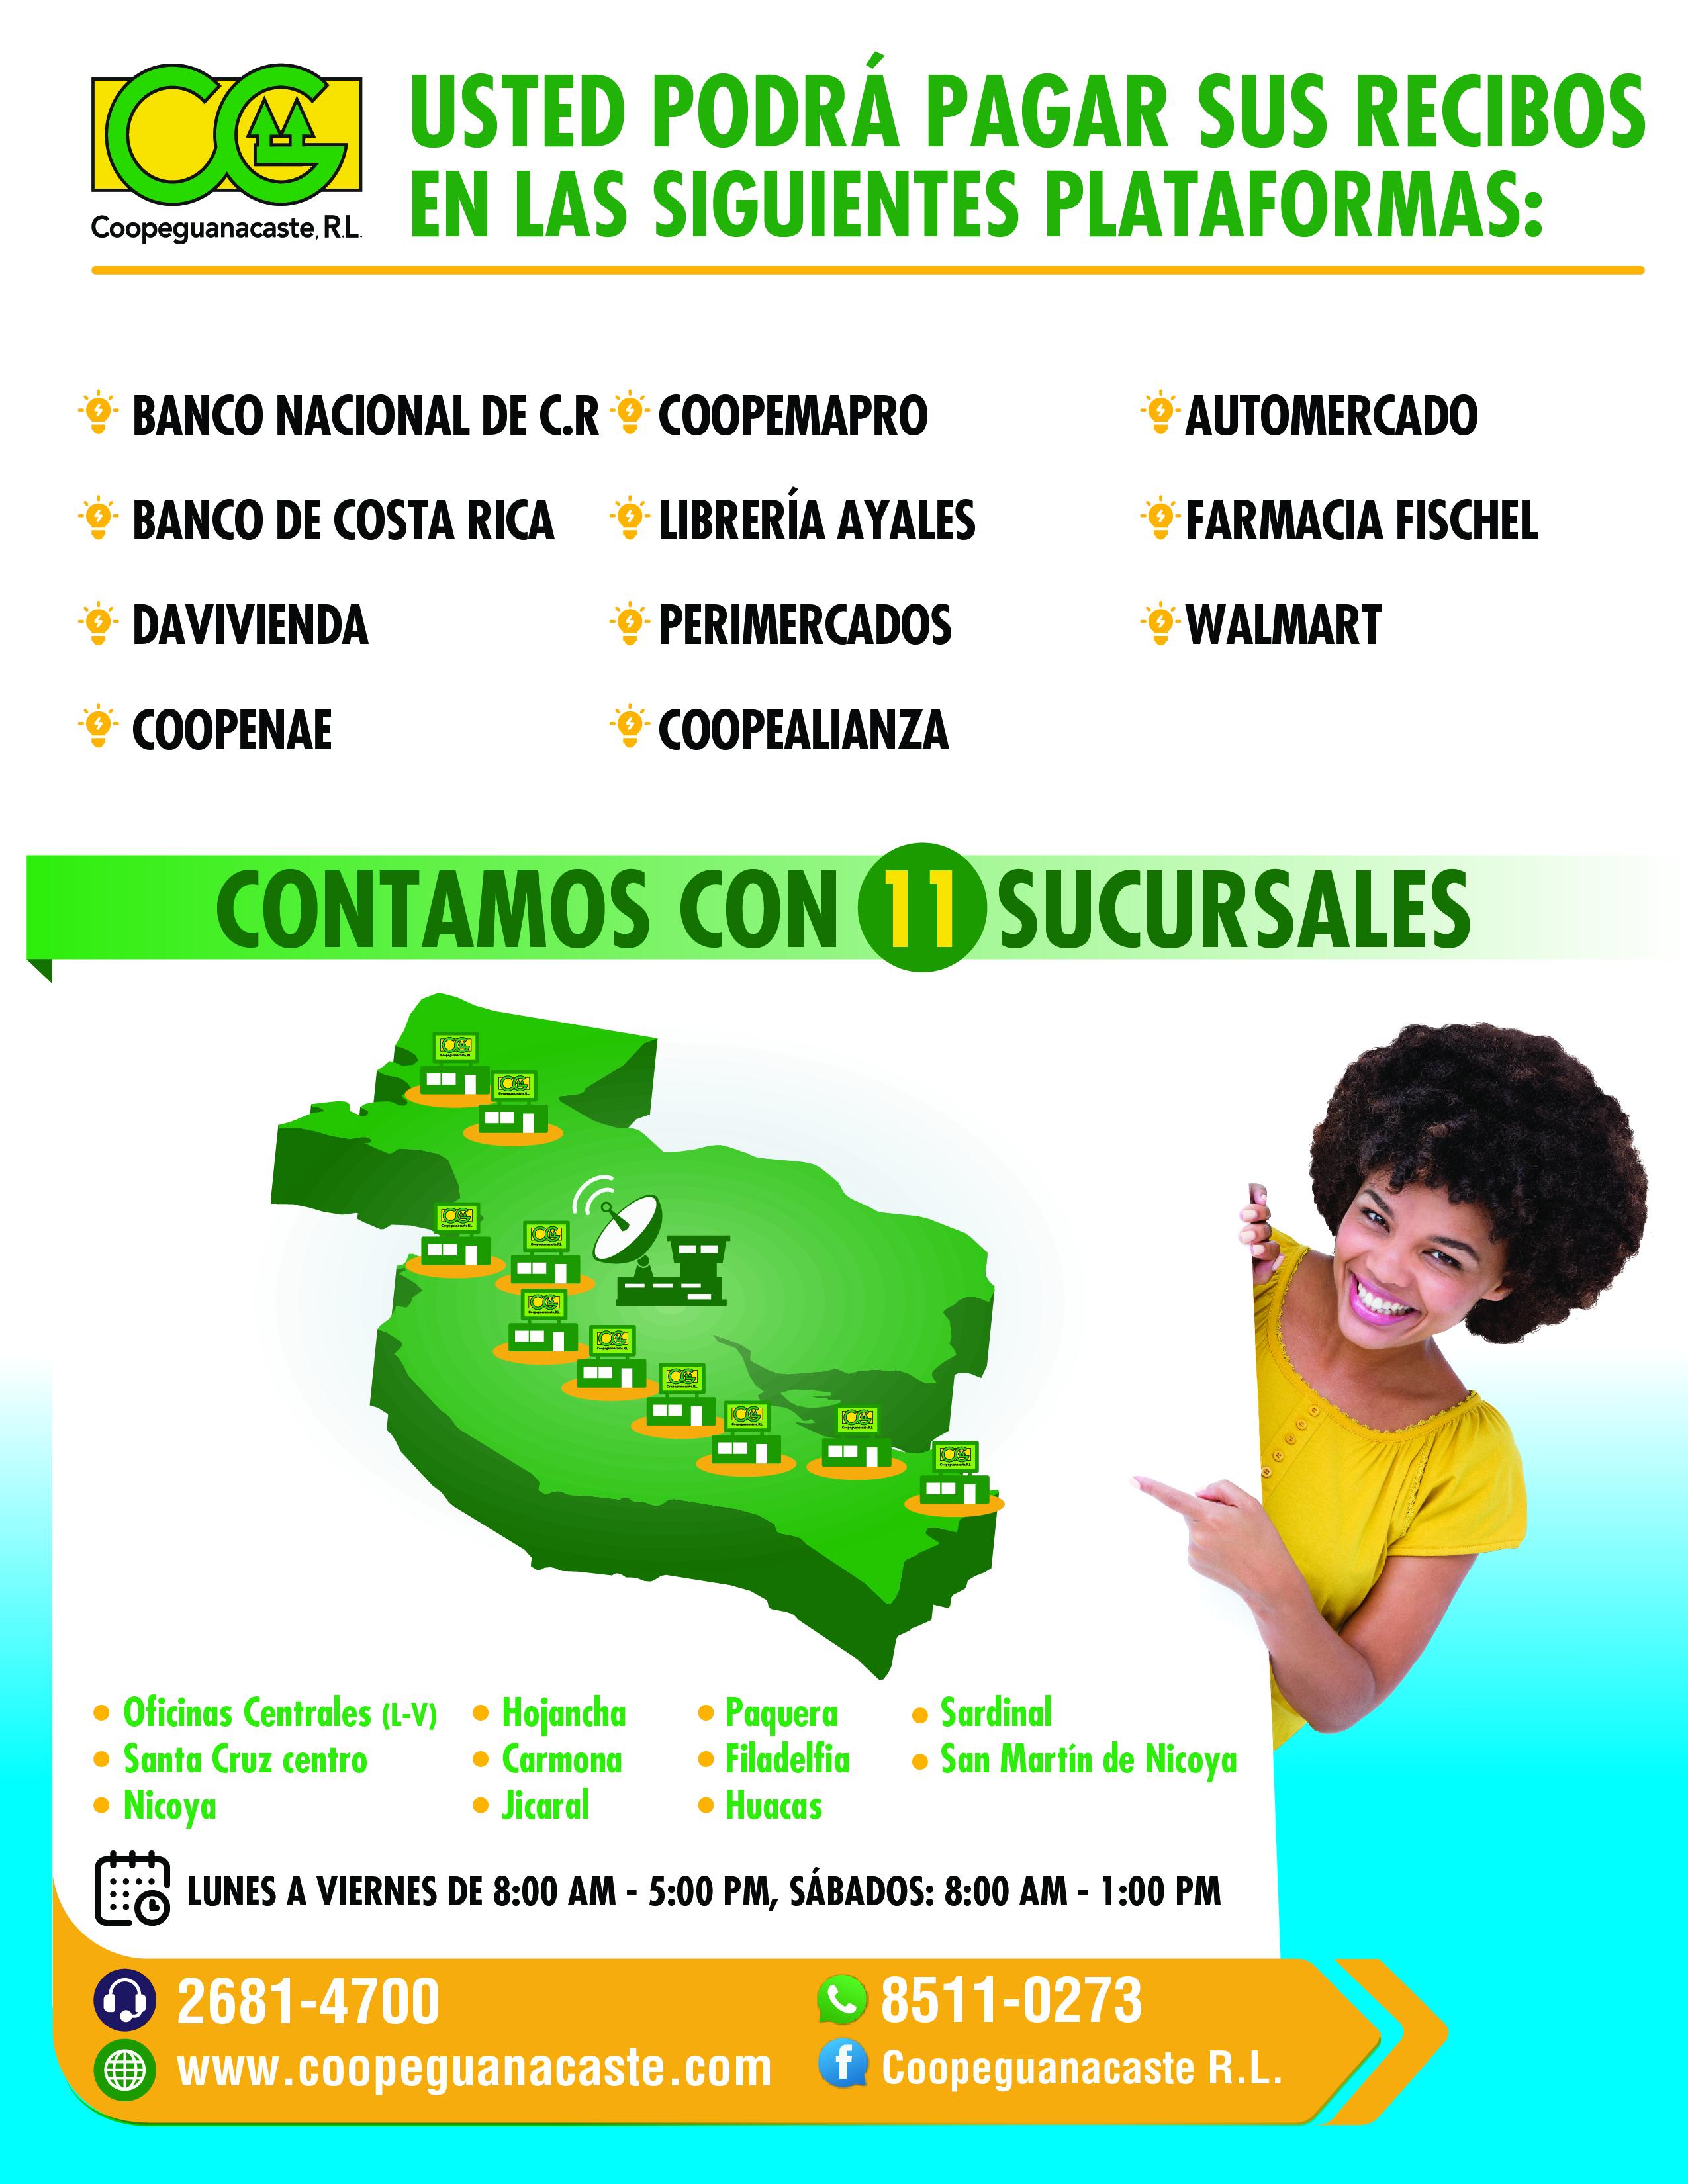 Coopeguanacste Informa2018 Alta-01.jpg